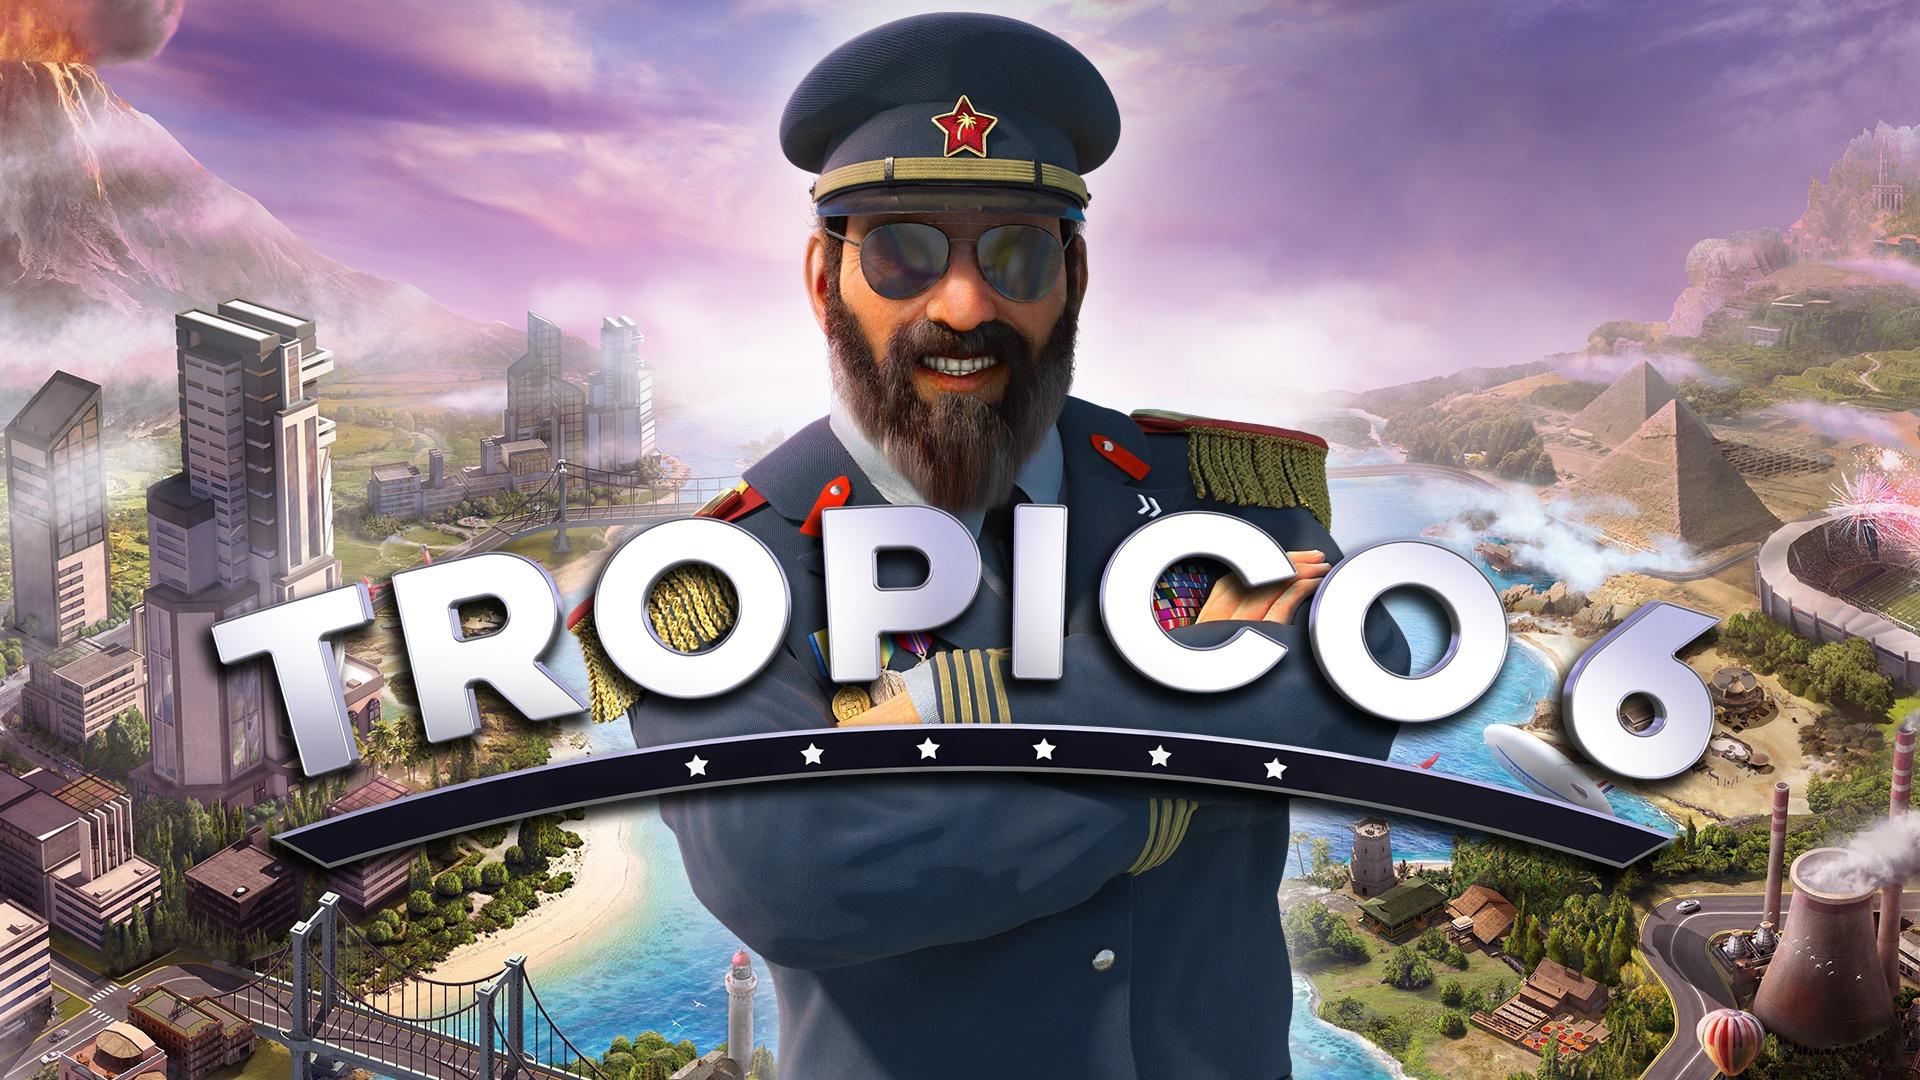 Tropico 6 Guide